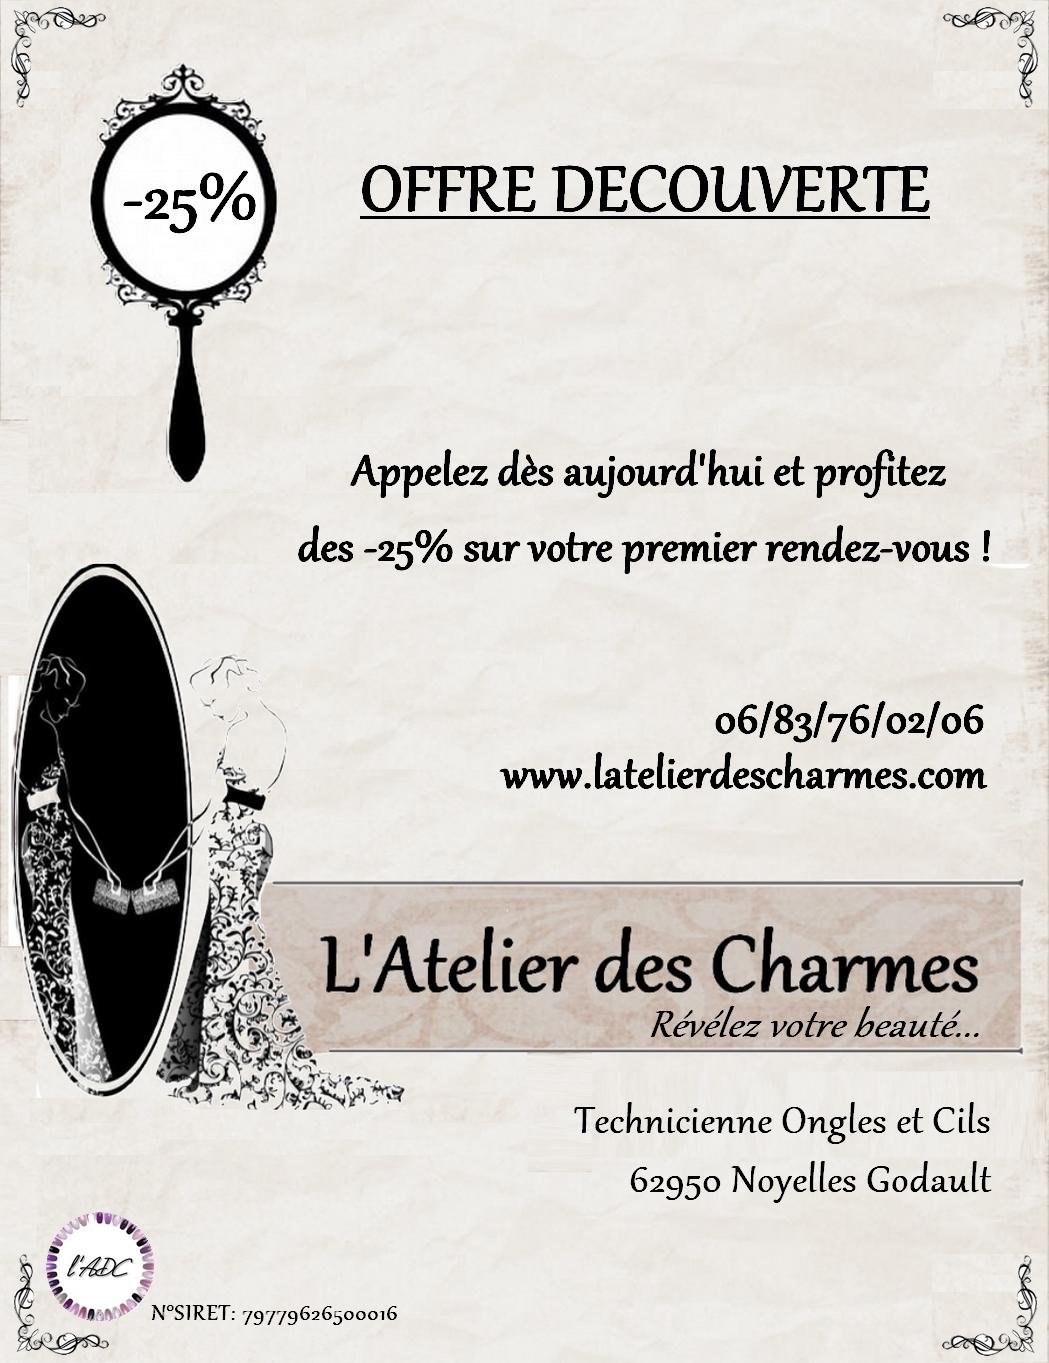 flyer L'Atelier des Charmes